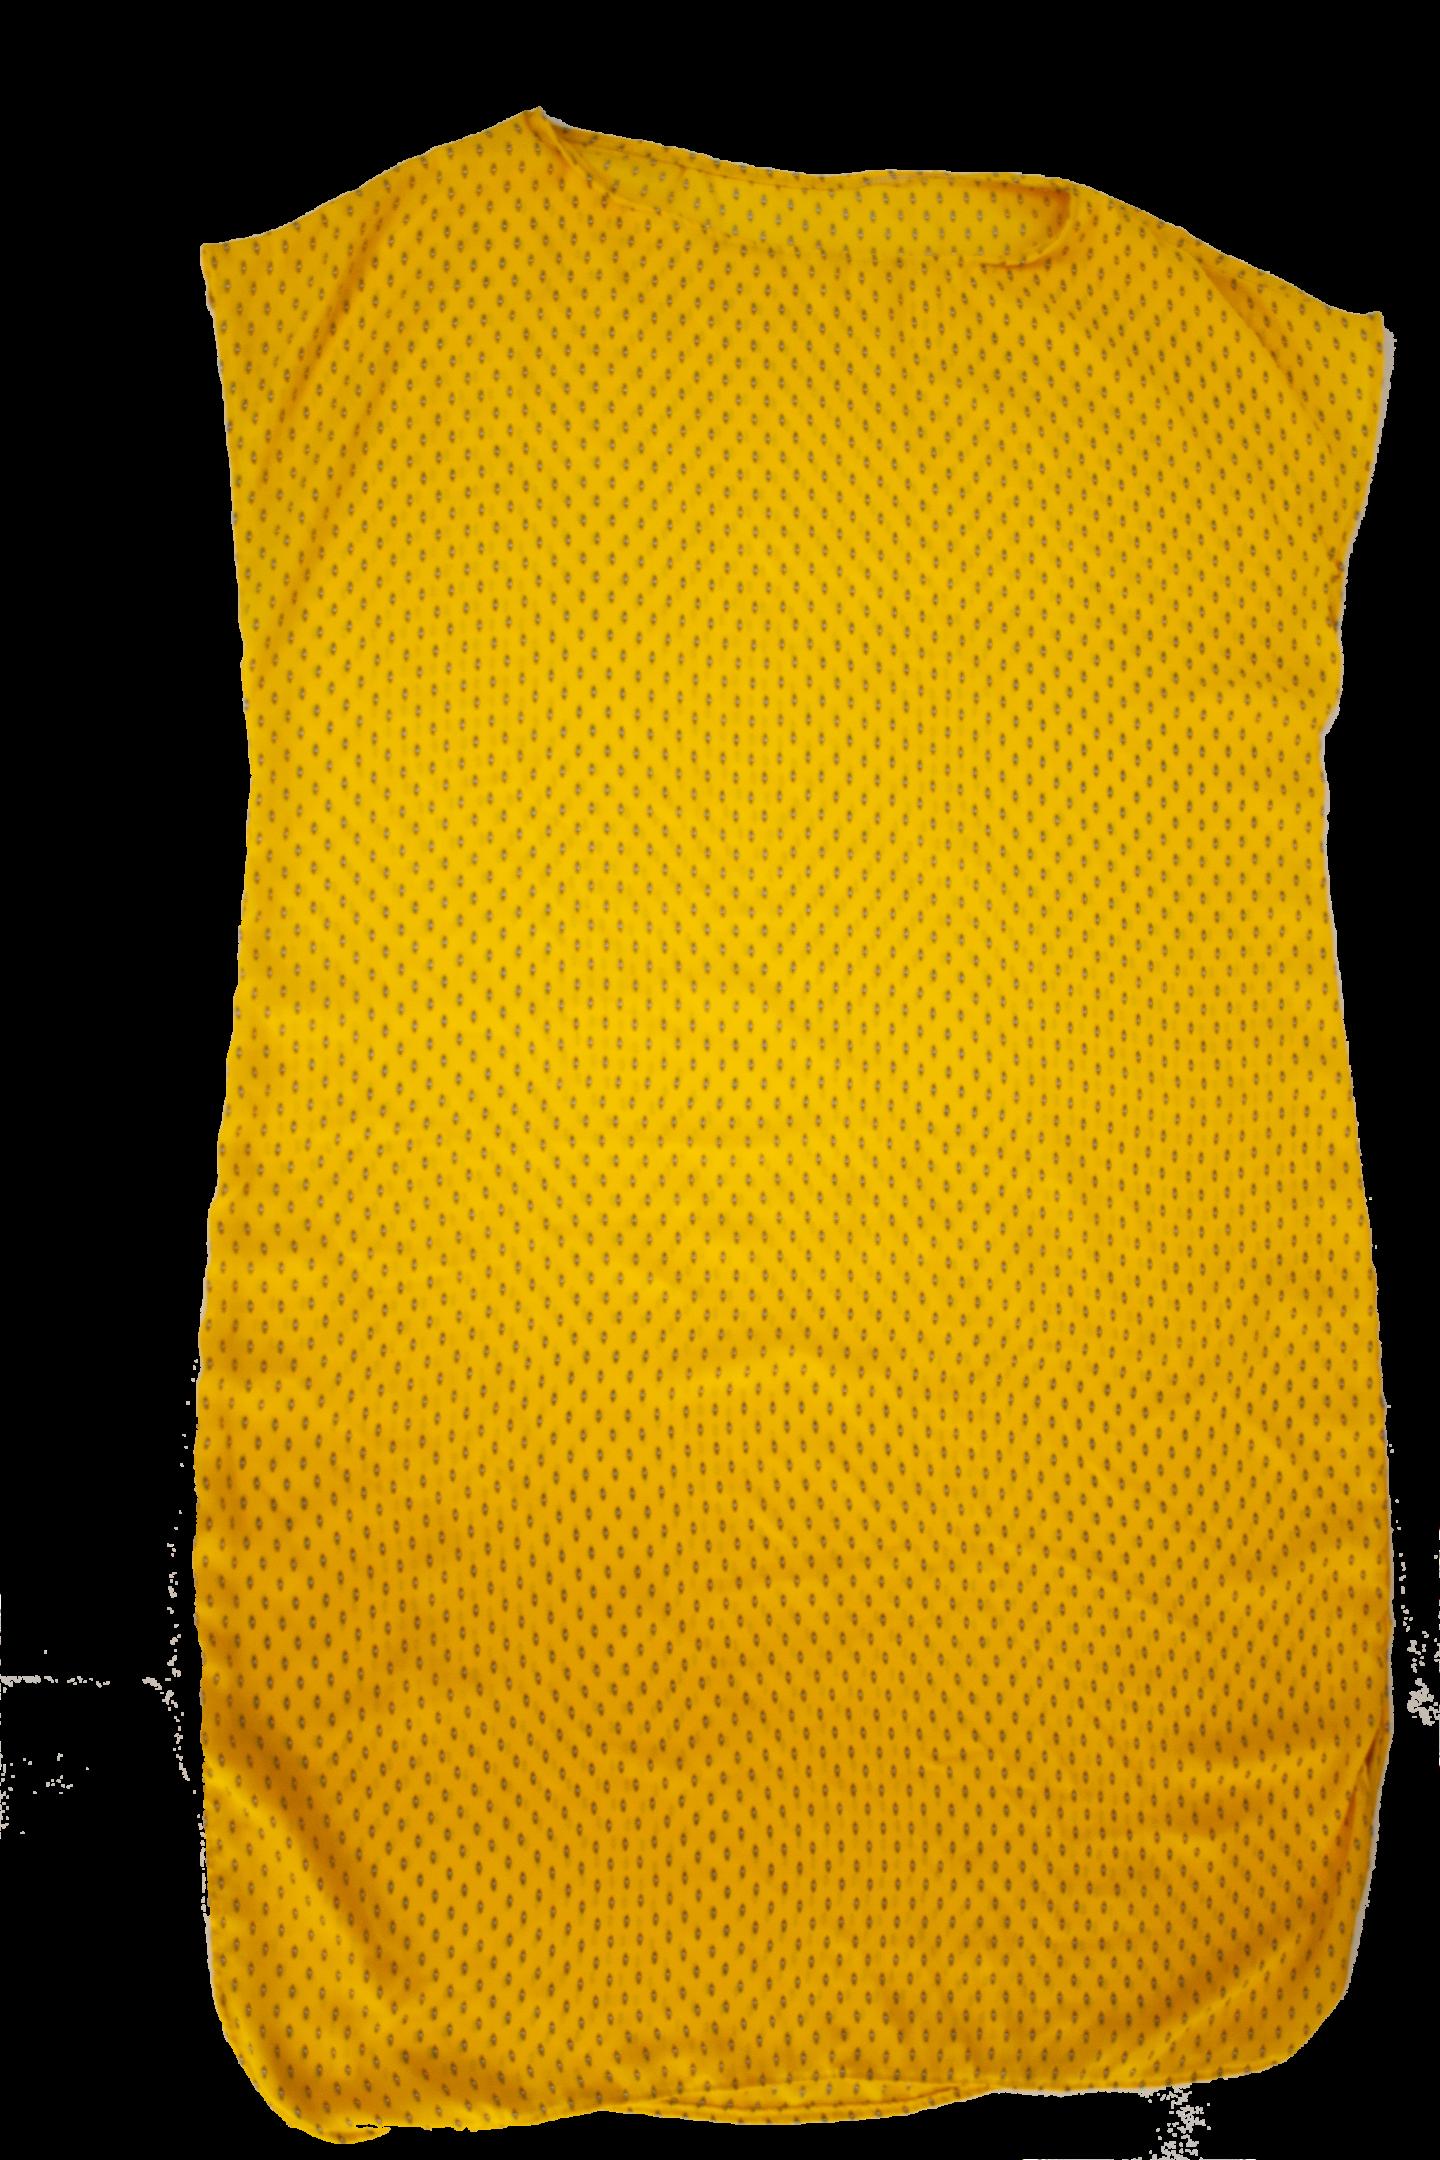 Bevor du deine selbstgenähte Kleidung Fotografieren kannst, musst du daraus Outfits zusammenstellen. Ich erkläre dir exemplarisch an meinem gelben Kleid, wie ich Accessoires und Schmuck ausgewählt habe um das Outfit für die Fotos festzulegen.